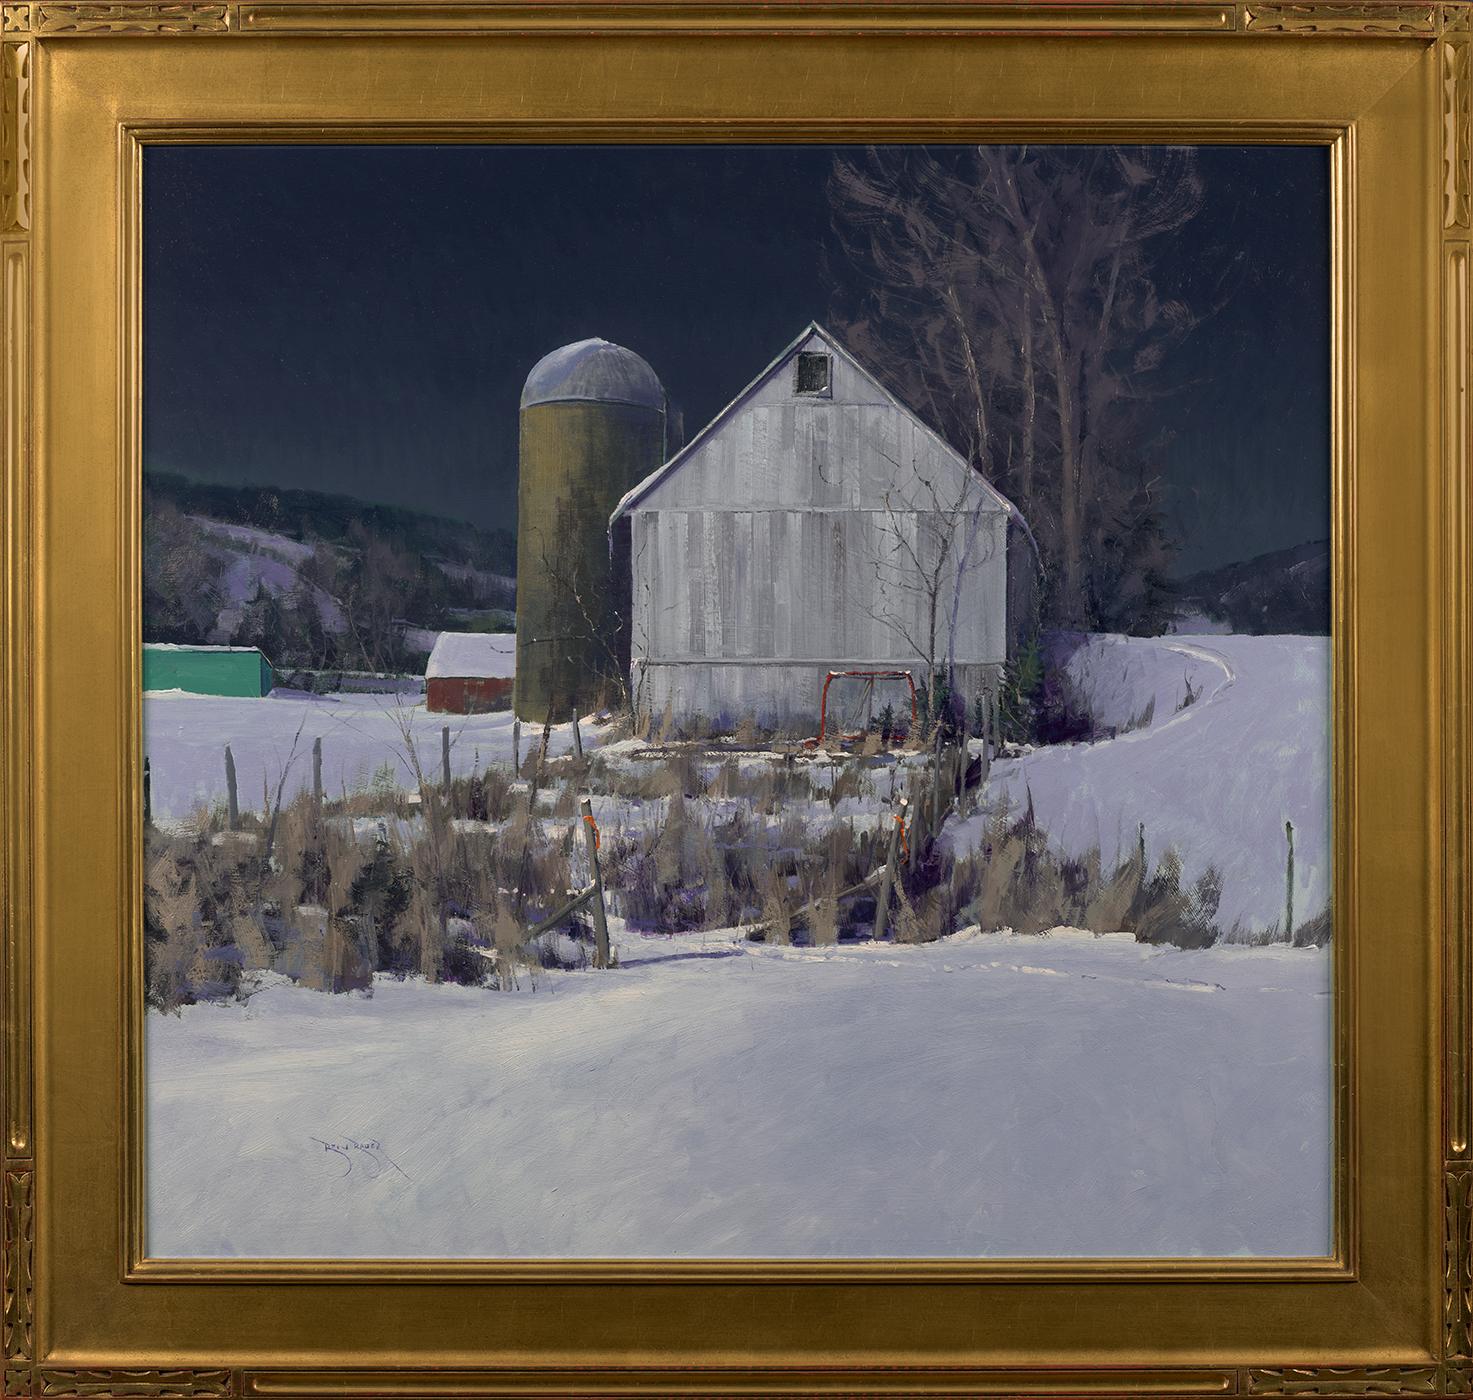 ben_bauer_bb1142_a_driftless_barn_yard_at_midnight_framed.jpg